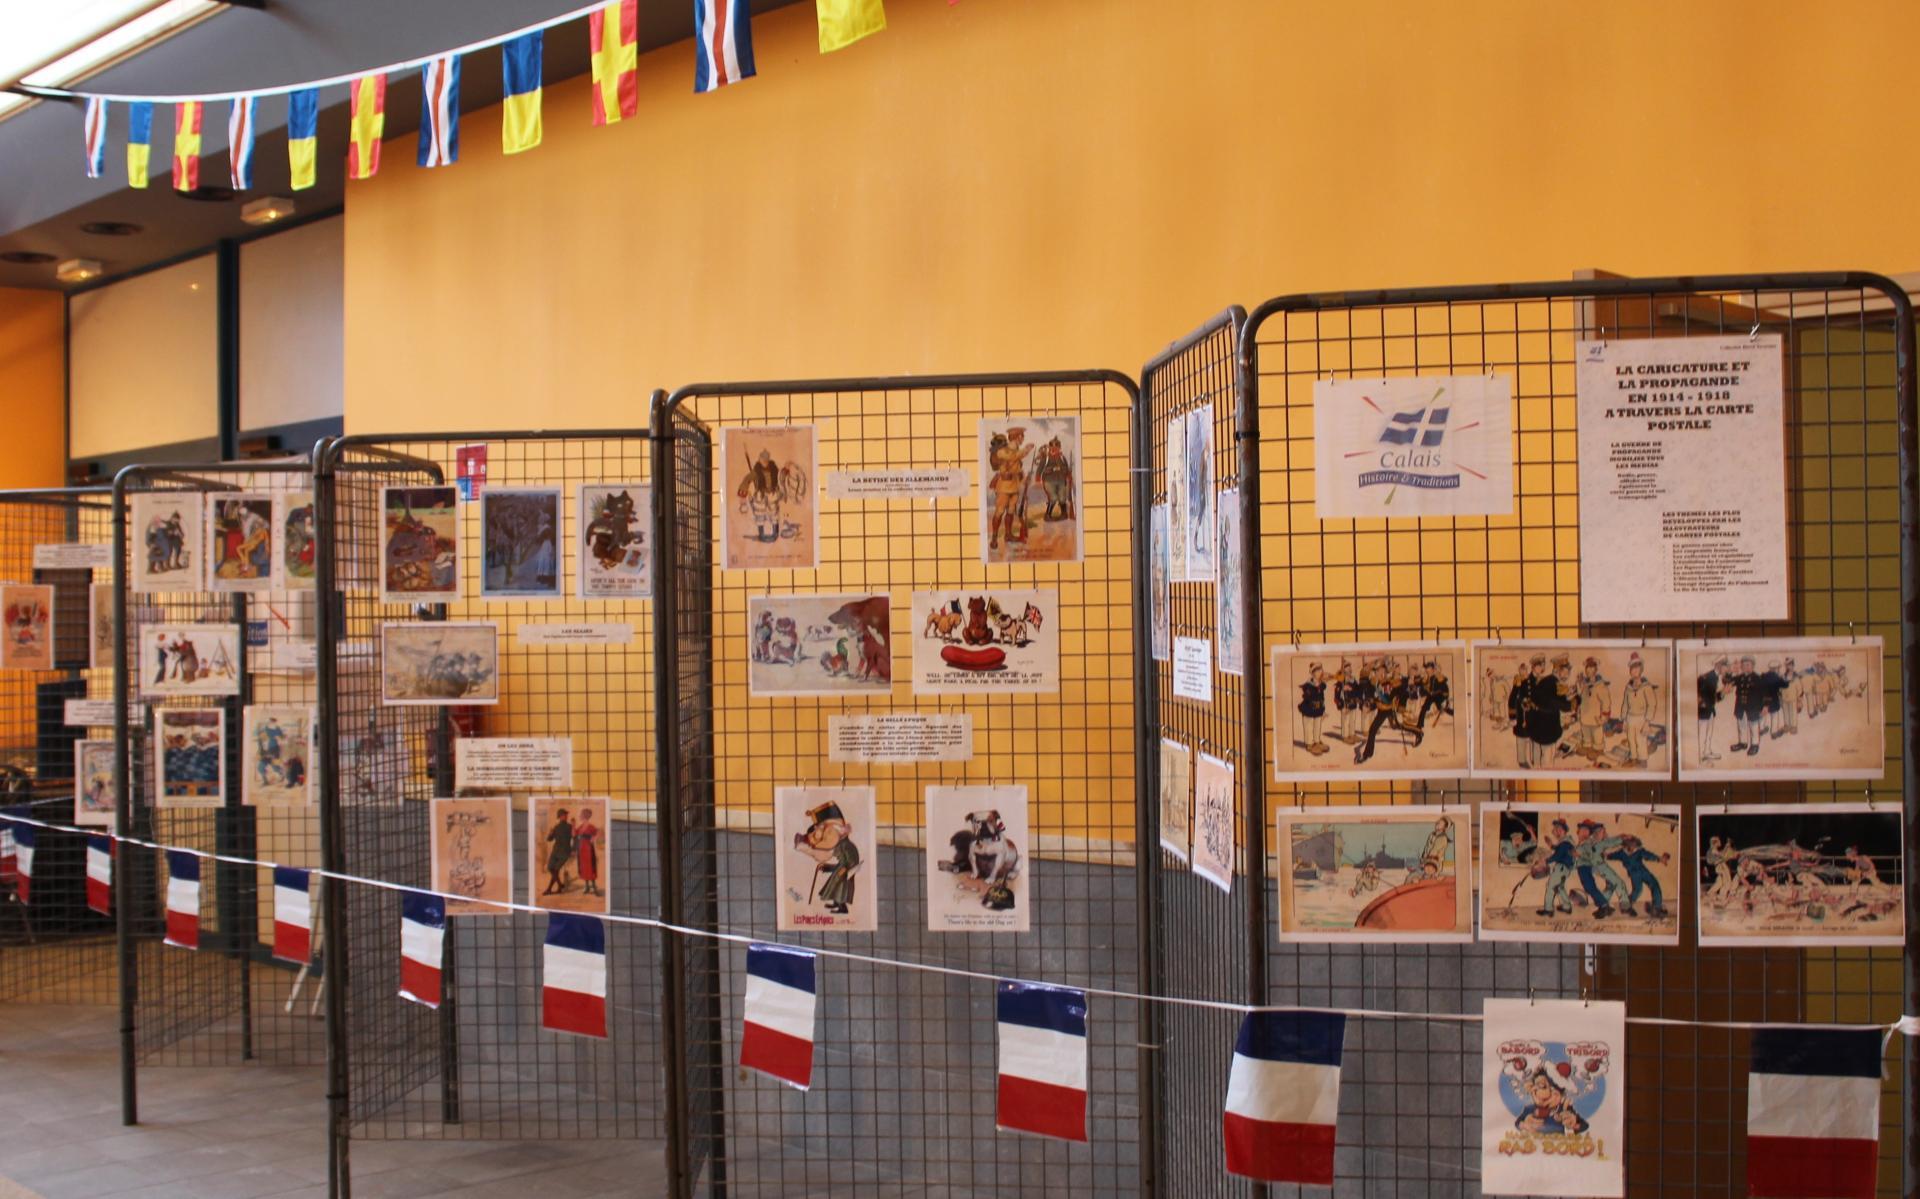 Calais 14 18 humour et propagande 14 18